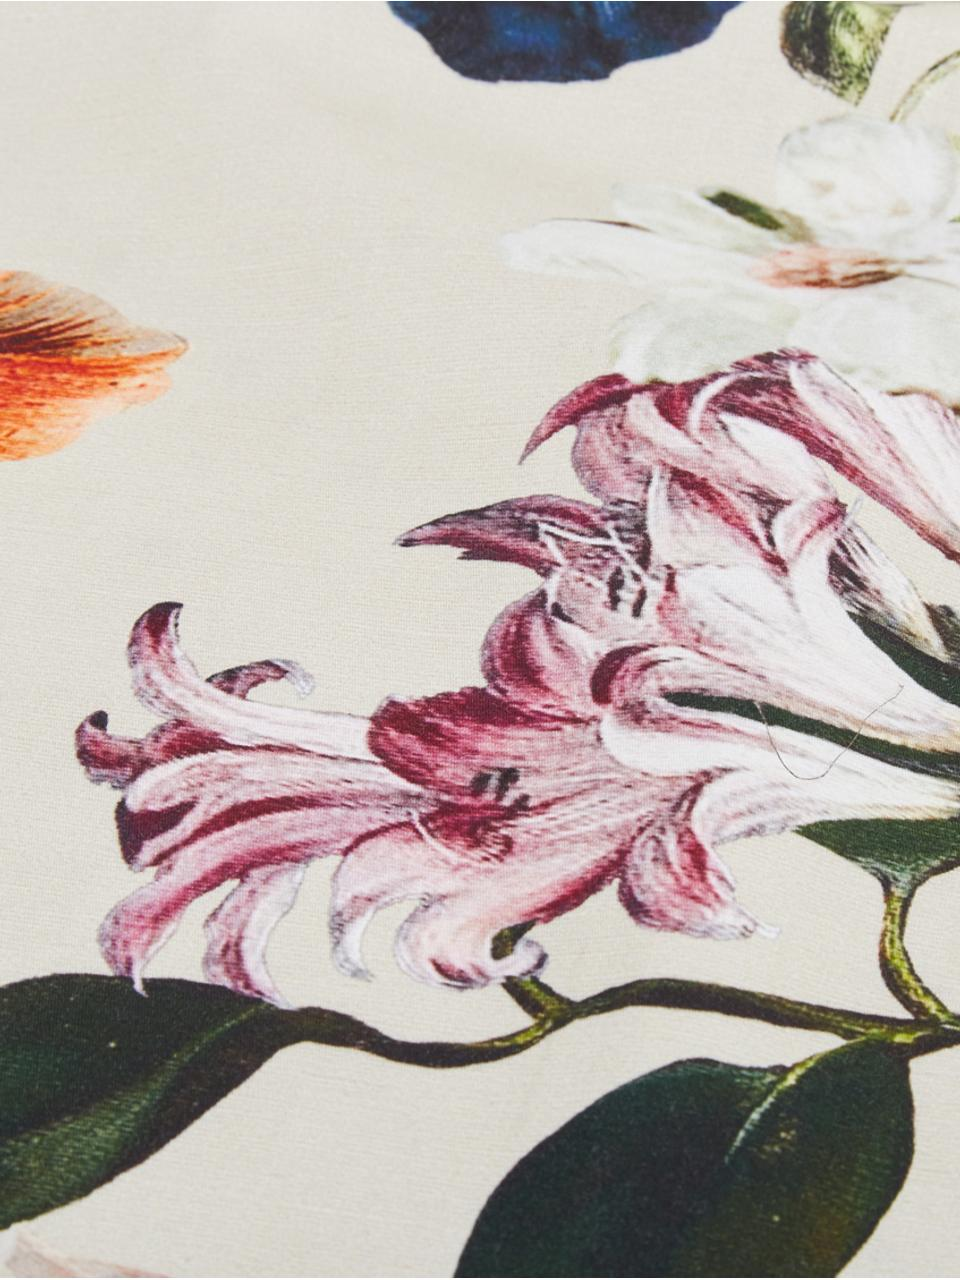 Baumwollsatin-Wendebettwäsche Filou mit Blumen-Muster, Webart: Satin Fadendichte 209 TC,, Sandfarben, Mehrfarbig, 200 x 200 cm + 2 Kissen 80 x 80 cm